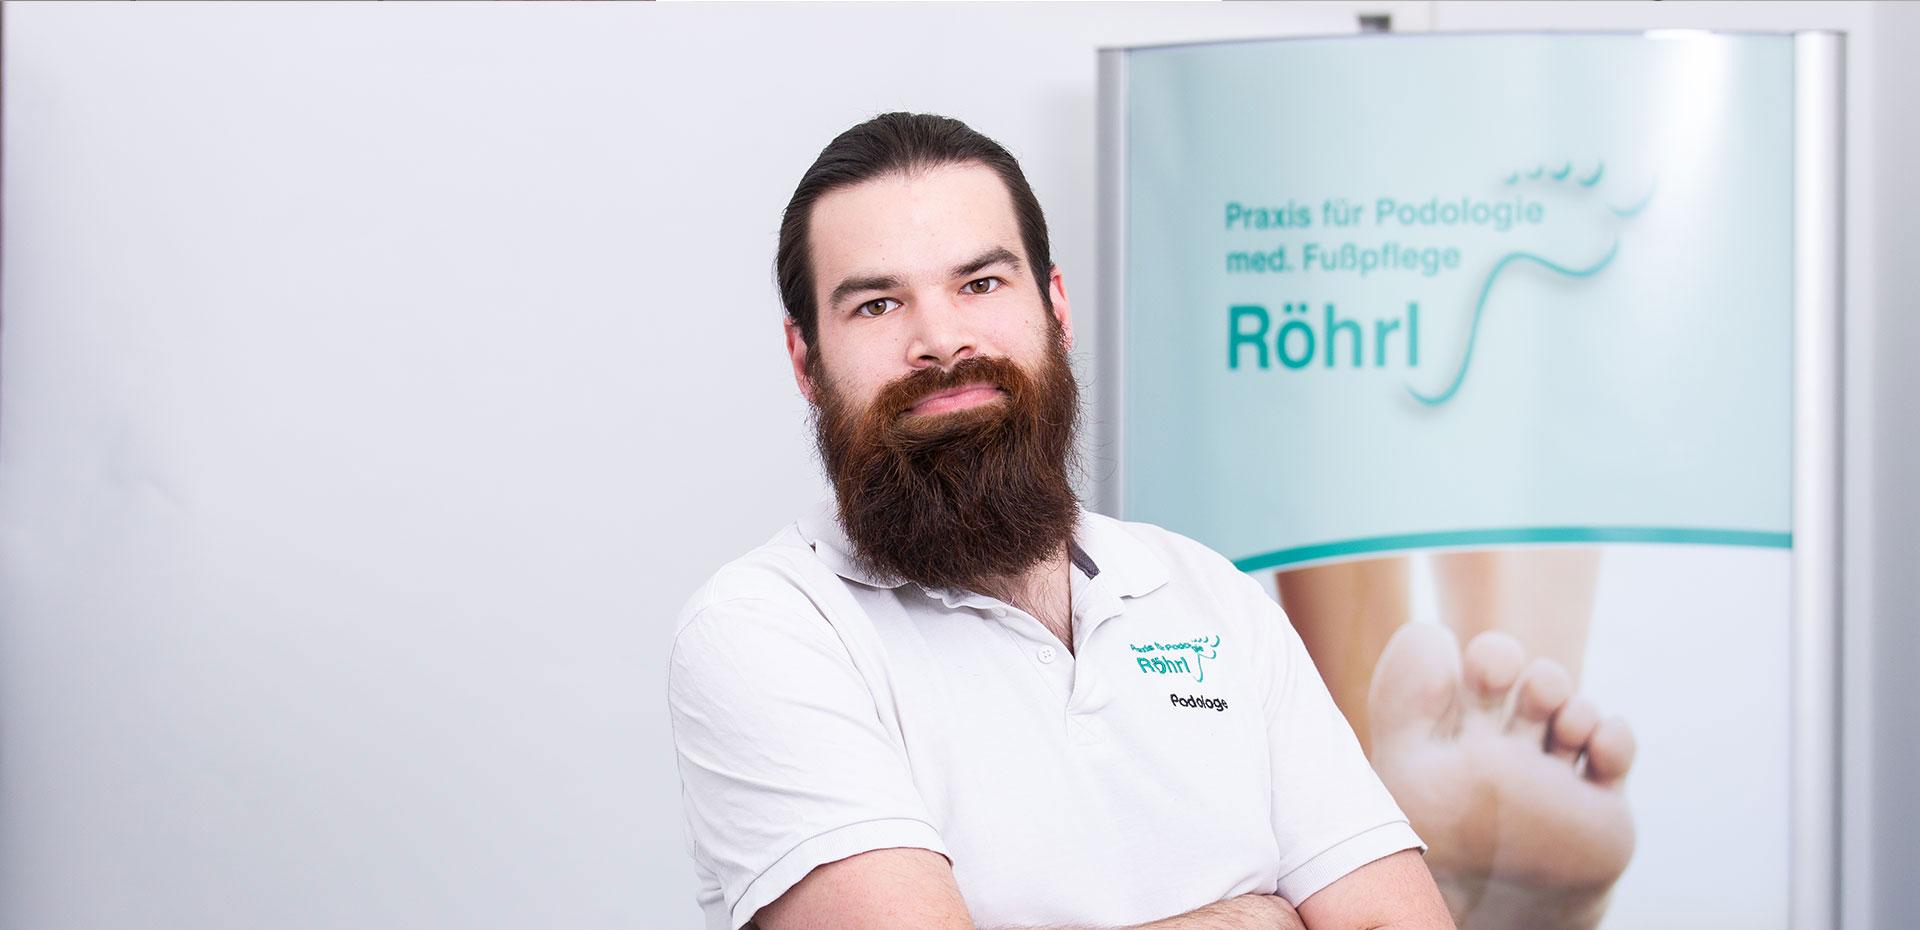 Christopher Röhrl